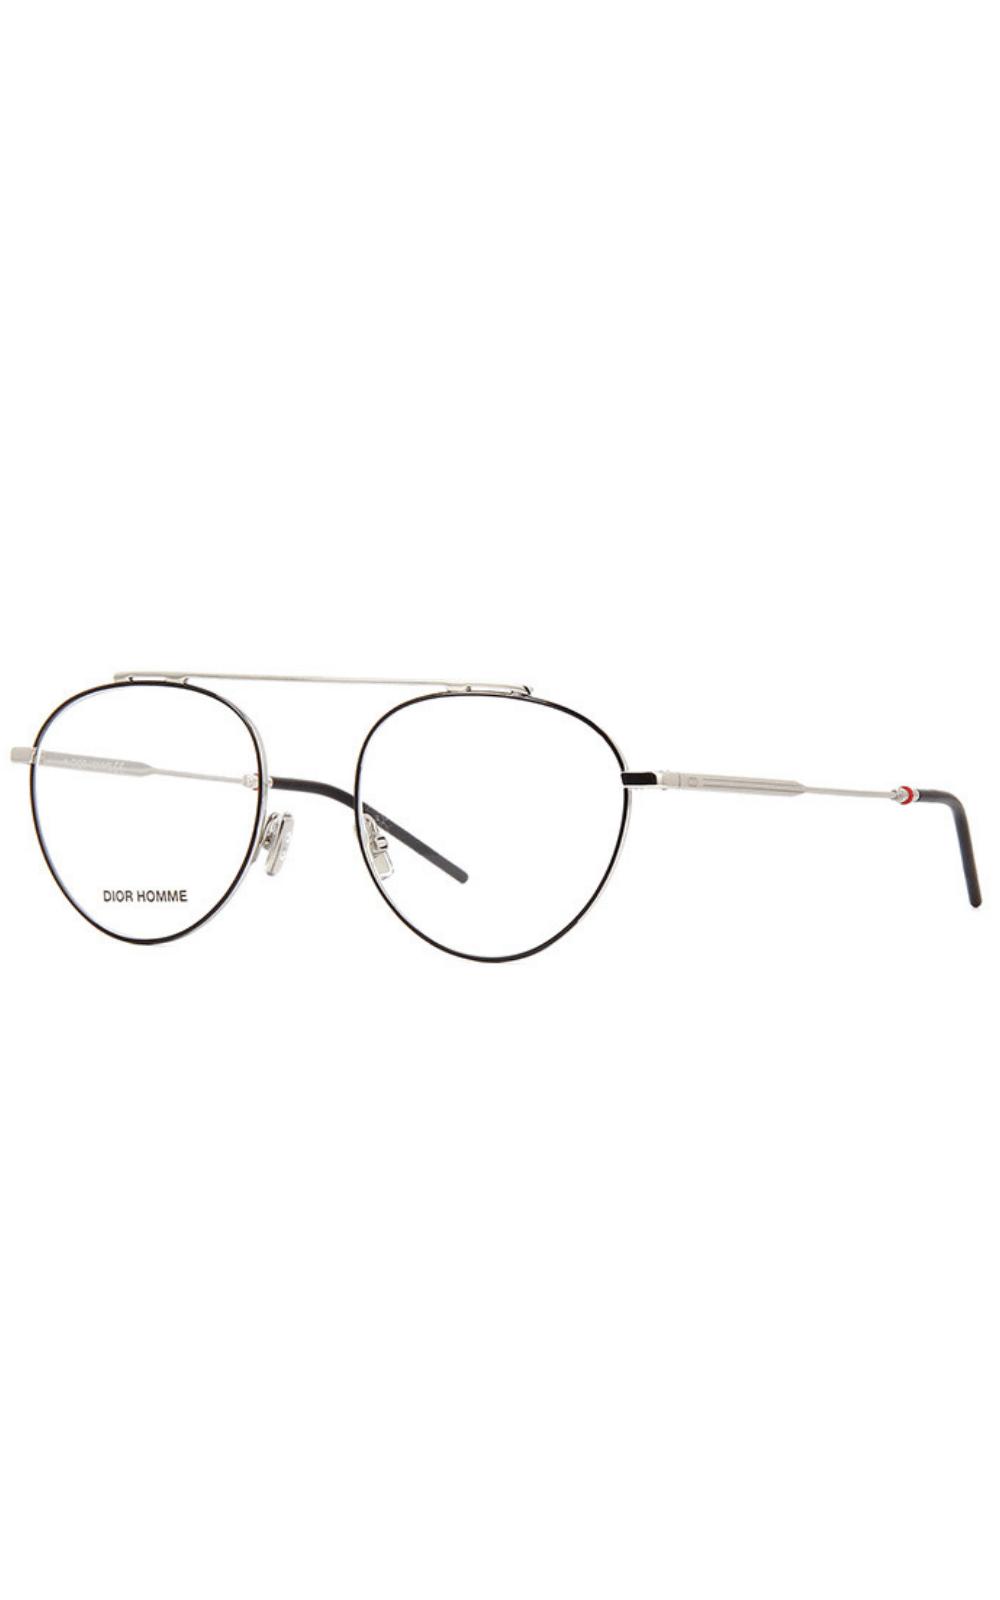 Foto 1 - Óculos de Grau Dior Homme 0227 84J